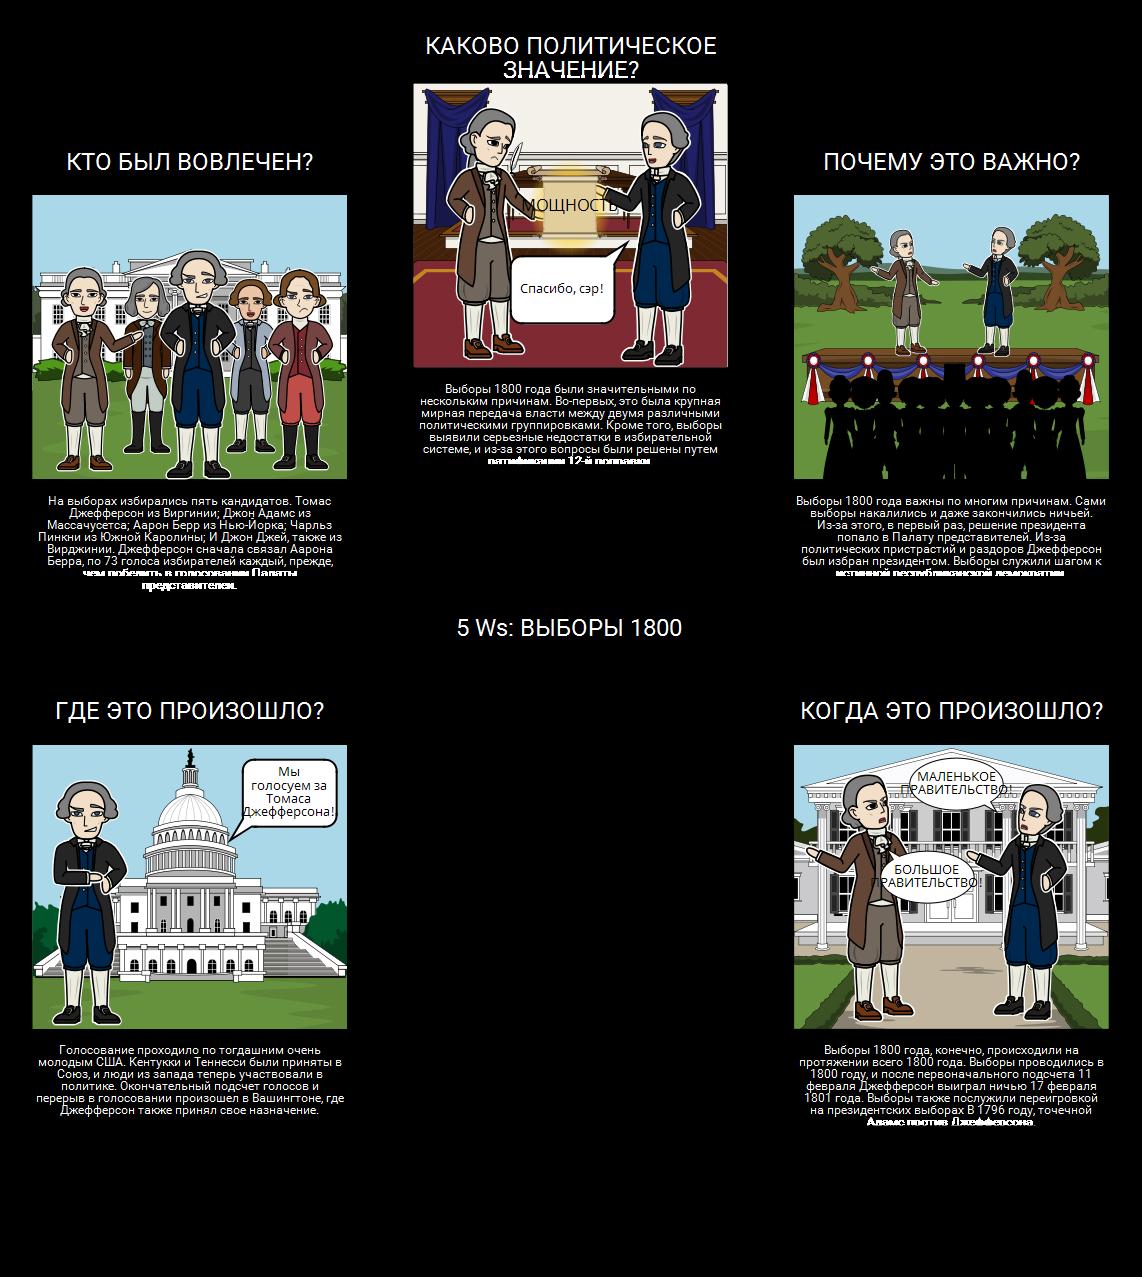 Выборы 1800 - 5 Ws